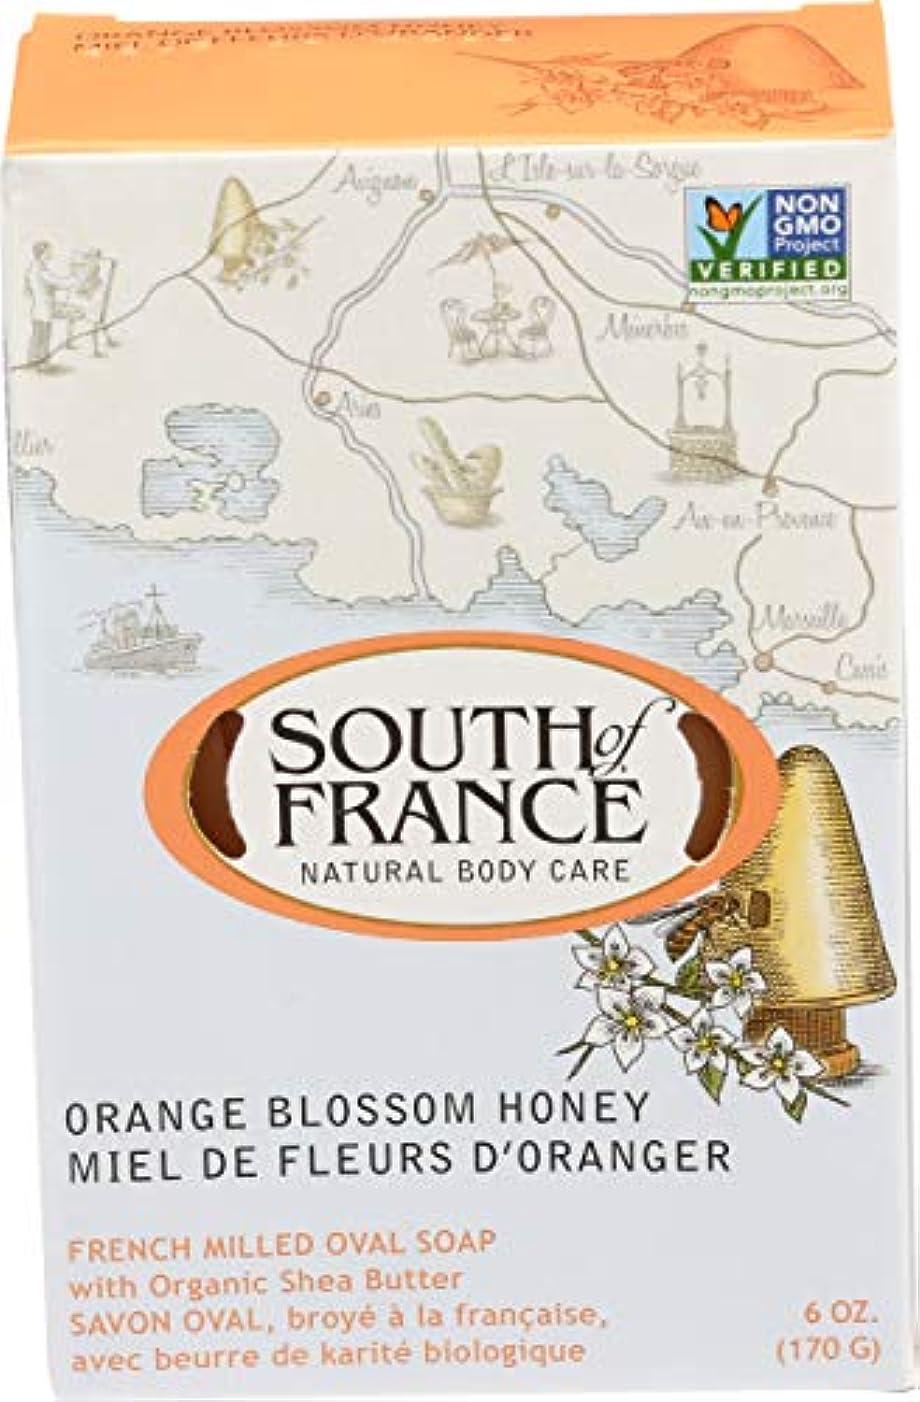 鏡トーンかんたんSouth of France - フランスの製粉された野菜棒石鹸のオレンジ花の蜂蜜 - 6ポンド